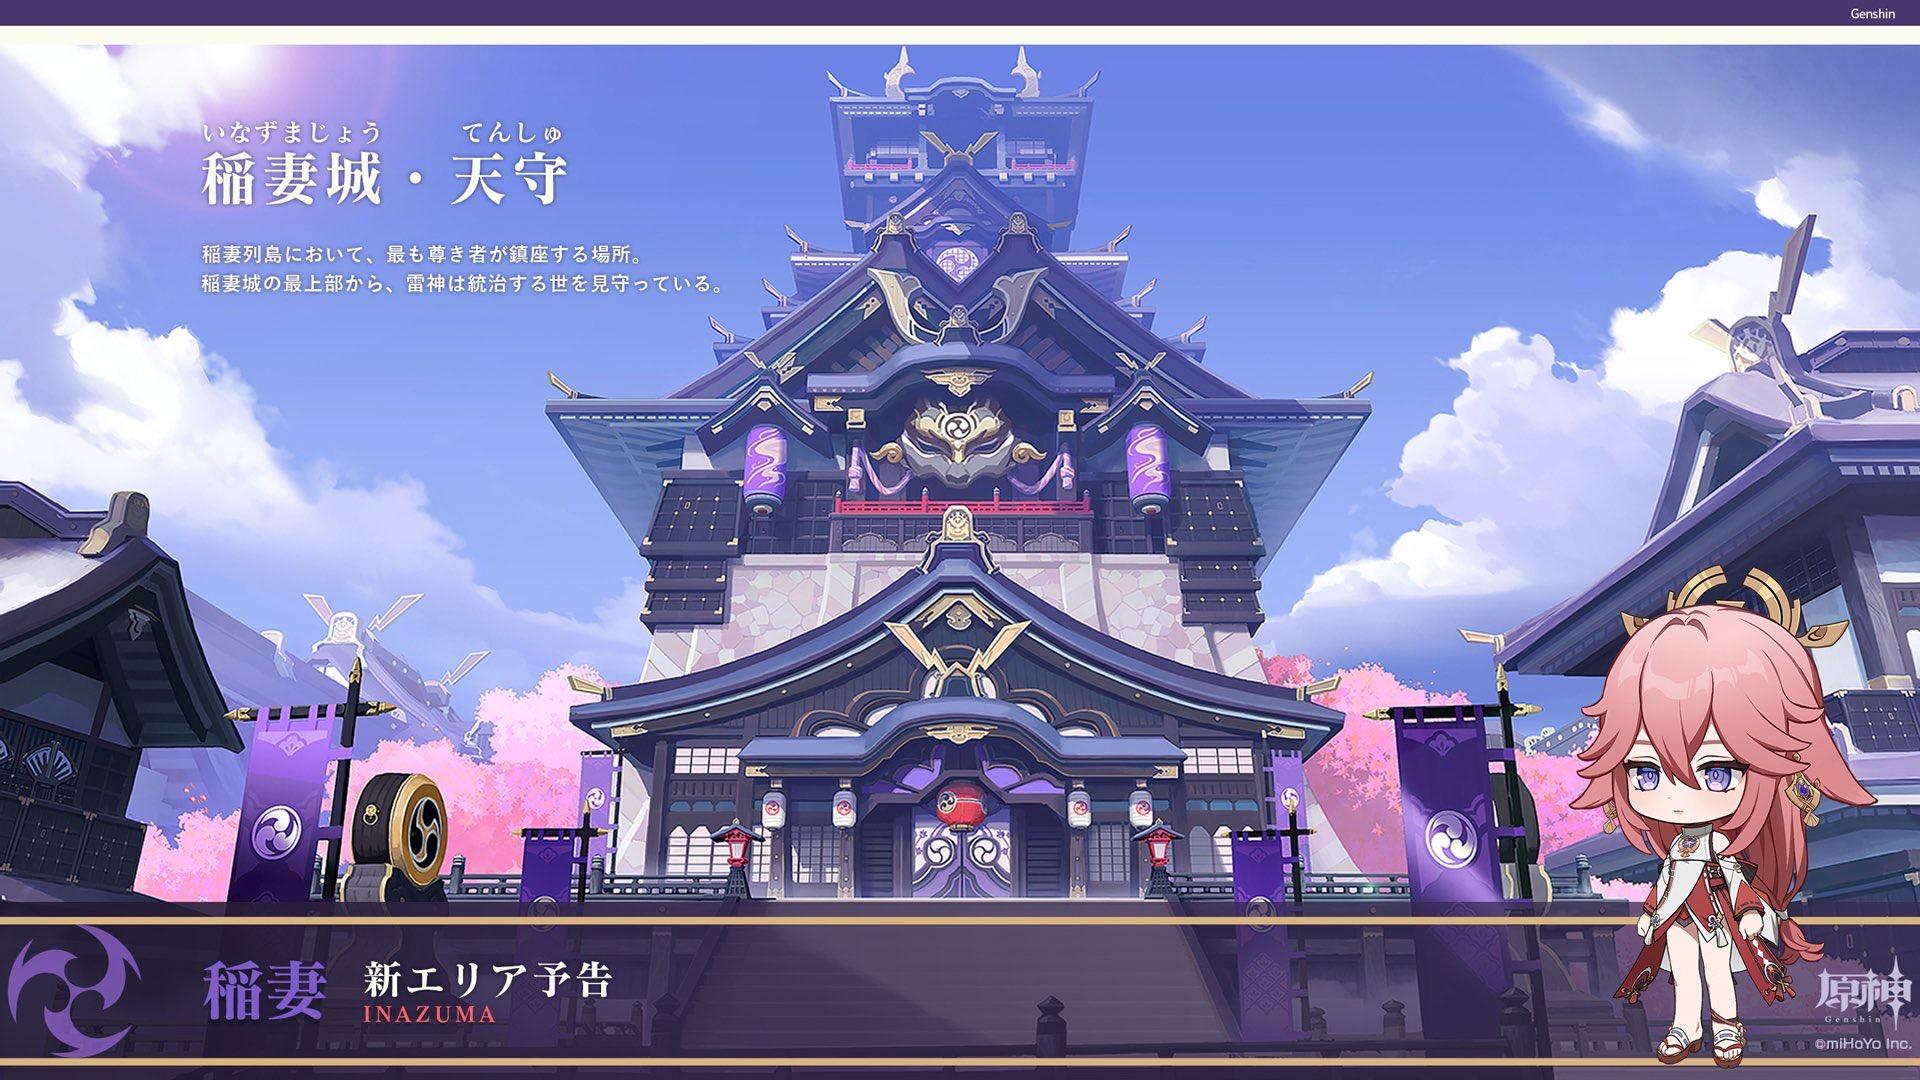 【原神】稲妻の城はまるでラ○ホじゃねーか!だれだよこんなんOKしたの!